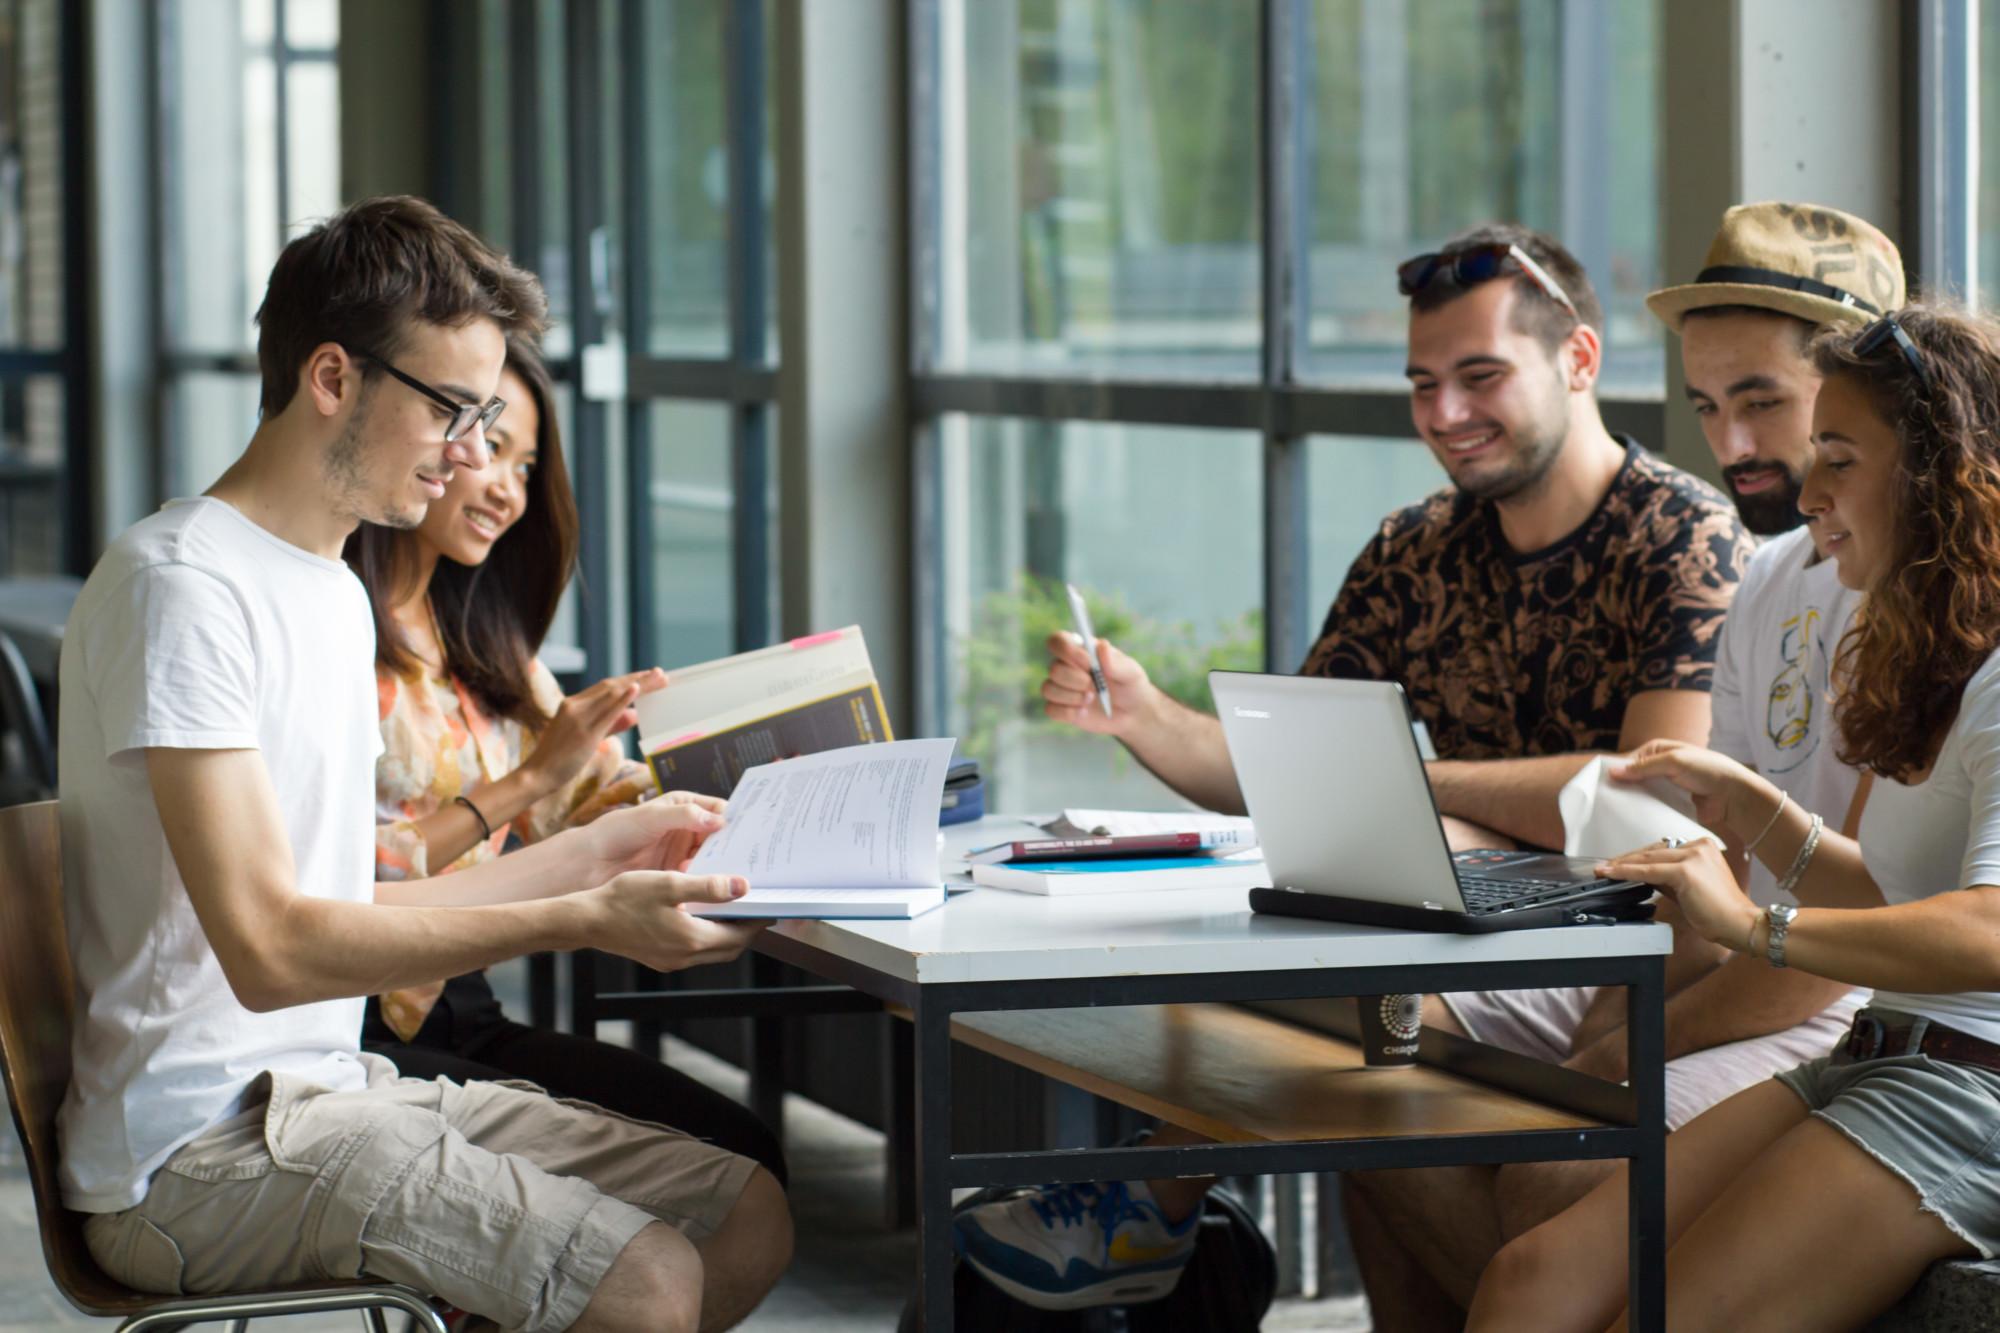 Studierende sitzen an einem Tisch und lernen gemeinsam